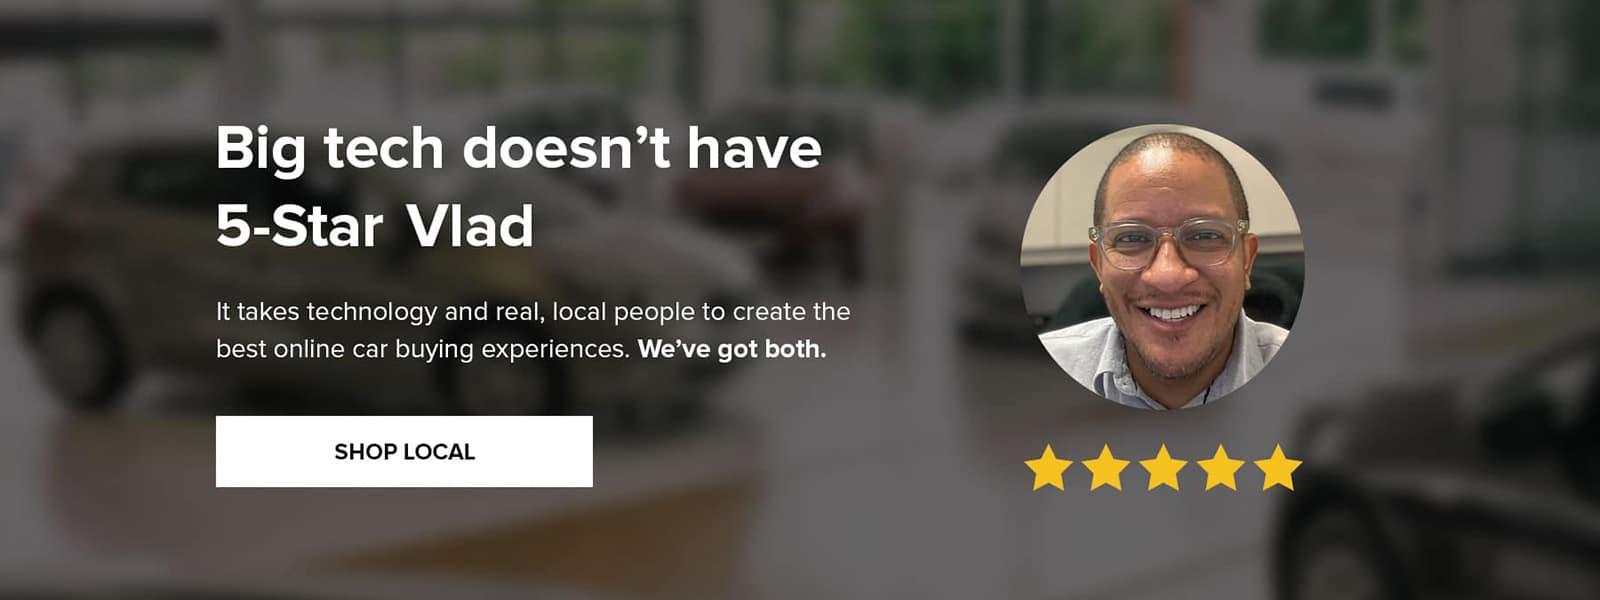 Salesperson_Reviews-Slider-1600x600